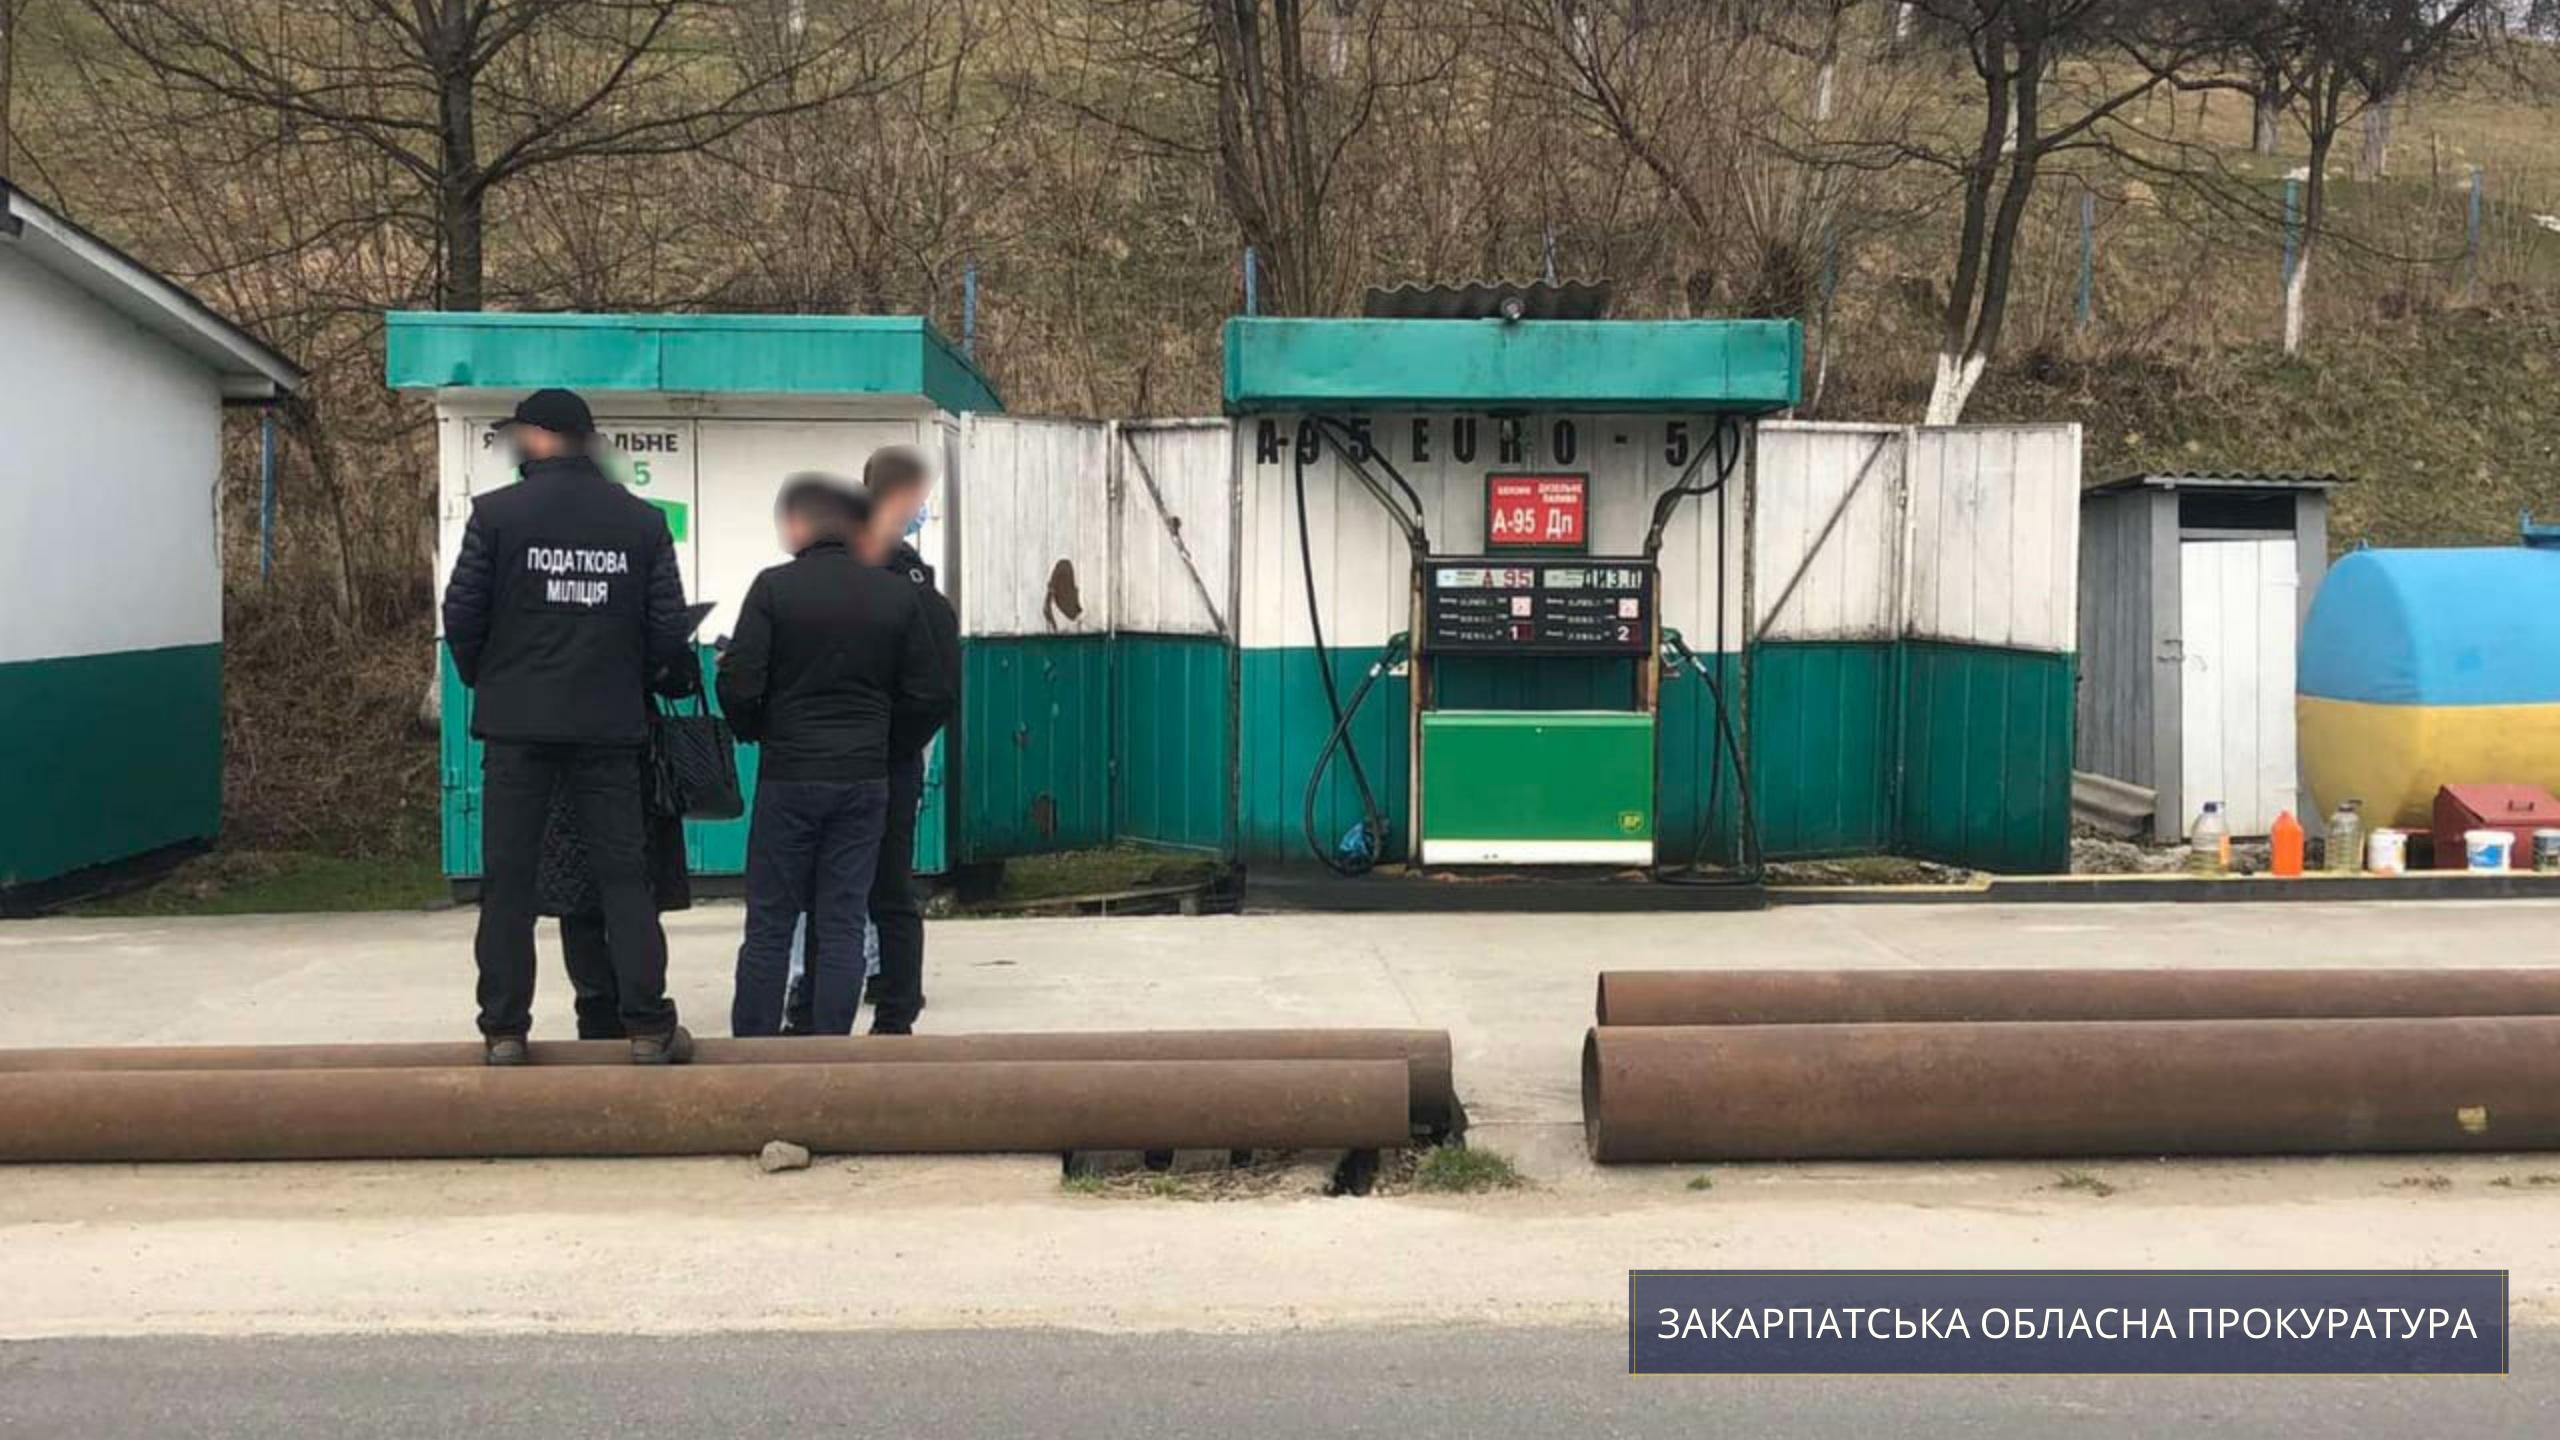 Слідчий суддя Ужгородського міськрайонного суду наклав арешт на понад 5 тисяч літрів пального орієнтовною вартістю майже 134 тис. грн.